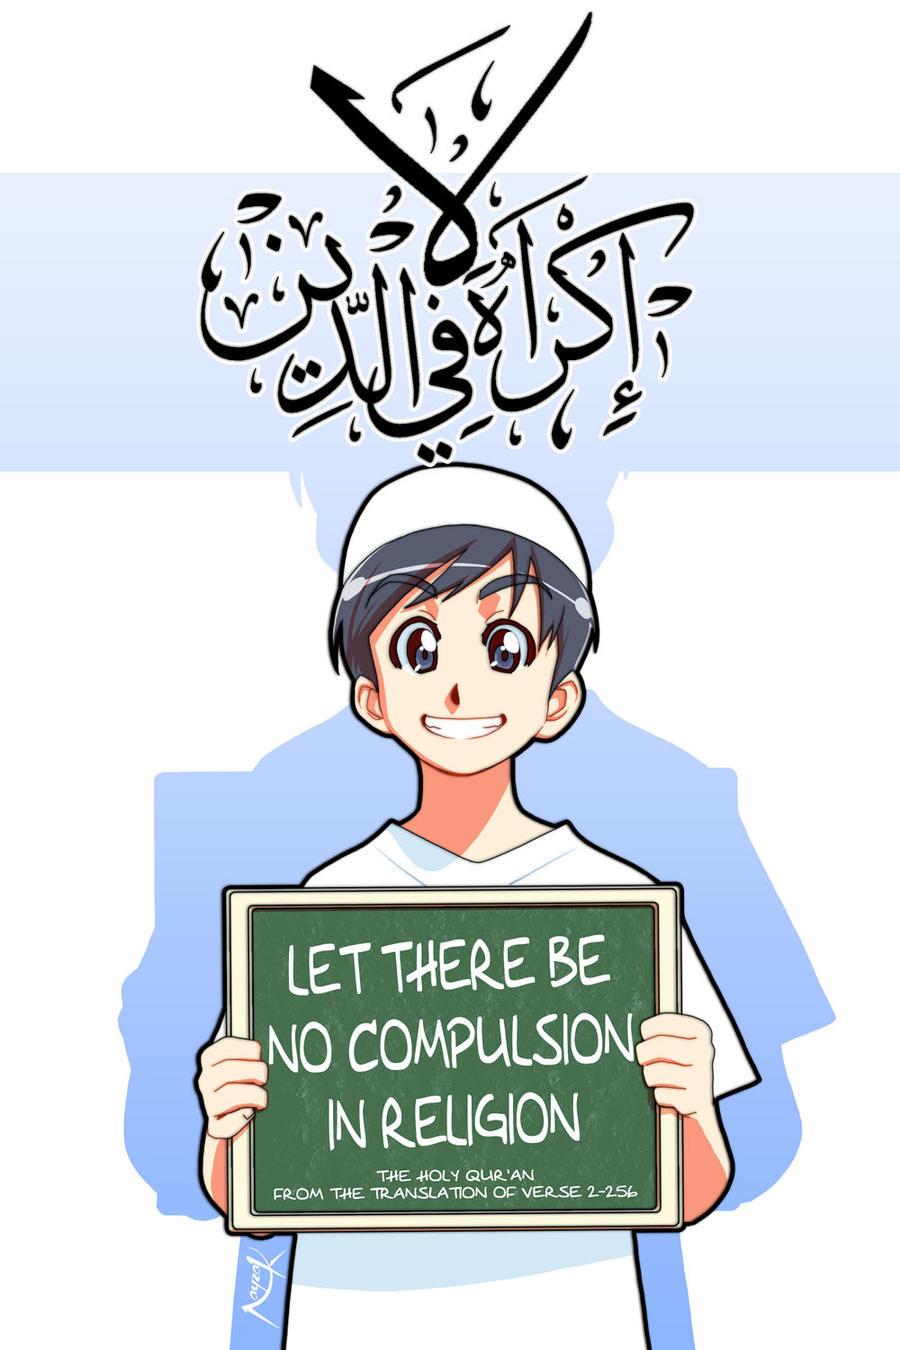 No compulsion in Religion -1